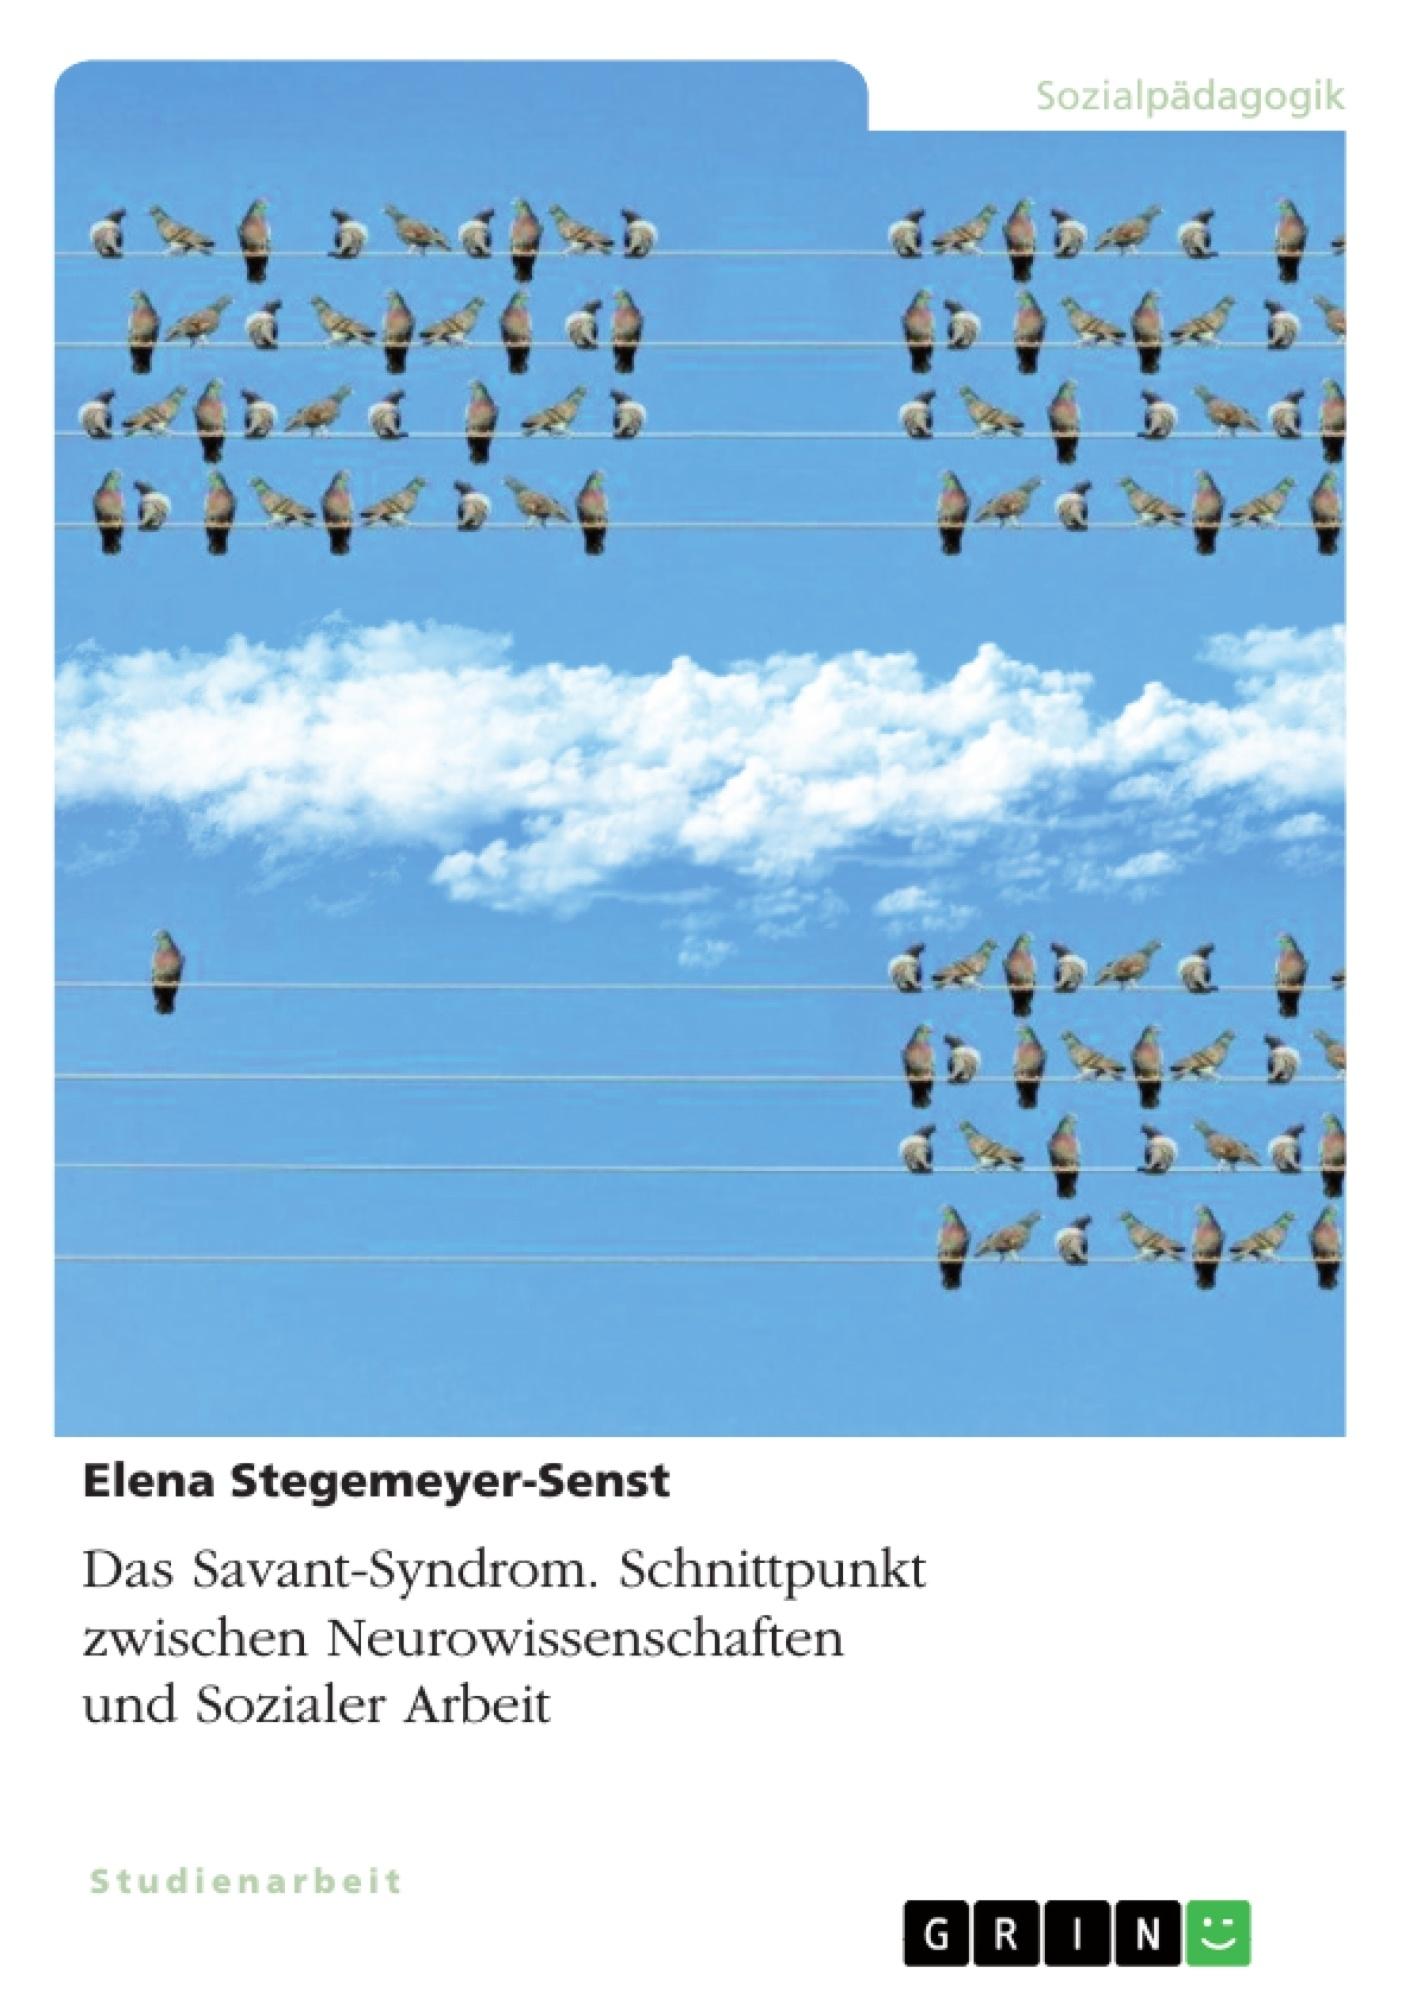 Titel: Das Savant-Syndrom. Schnittpunkt zwischen Neurowissenschaften und Sozialer Arbeit